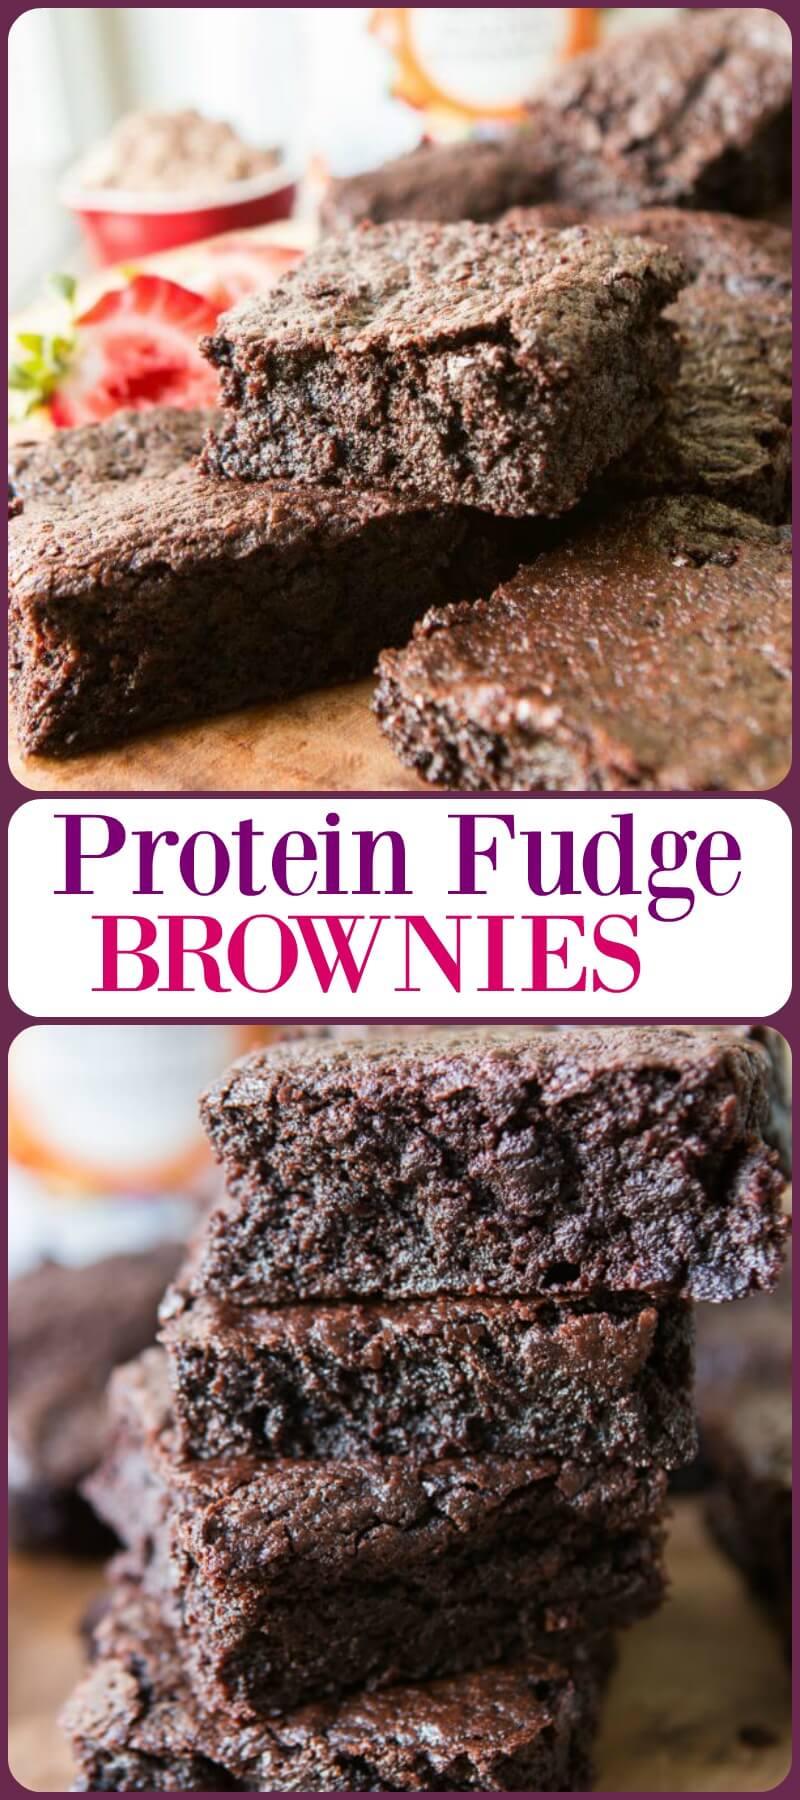 Brownies de Fudge de Proteína? Proteína em pó, óleo de coco, e menos farinha podem fazer brownies mais saudáveis e deliciosos com mais nutrição! ohsweetbasil.com